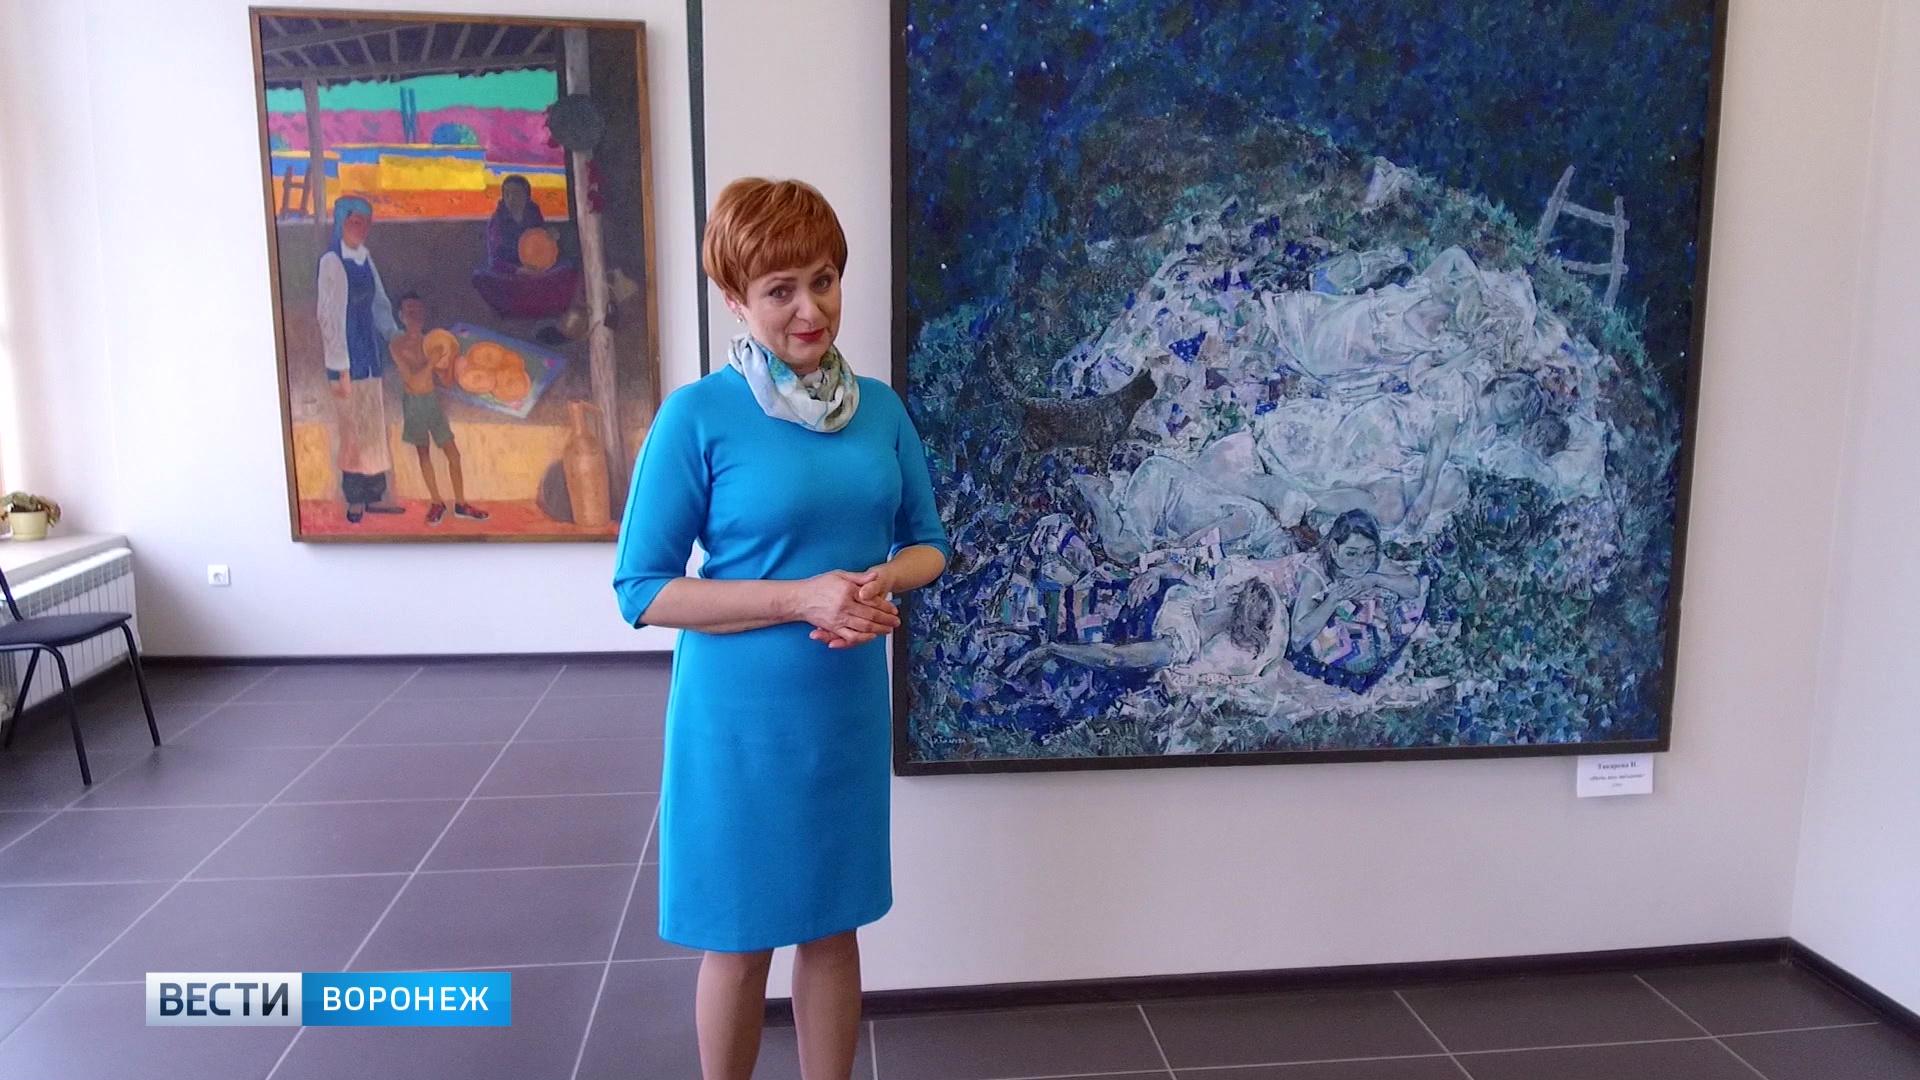 Выставки, отборочный тур «Синей птицы» и звёзды мирового балета в Воронеже